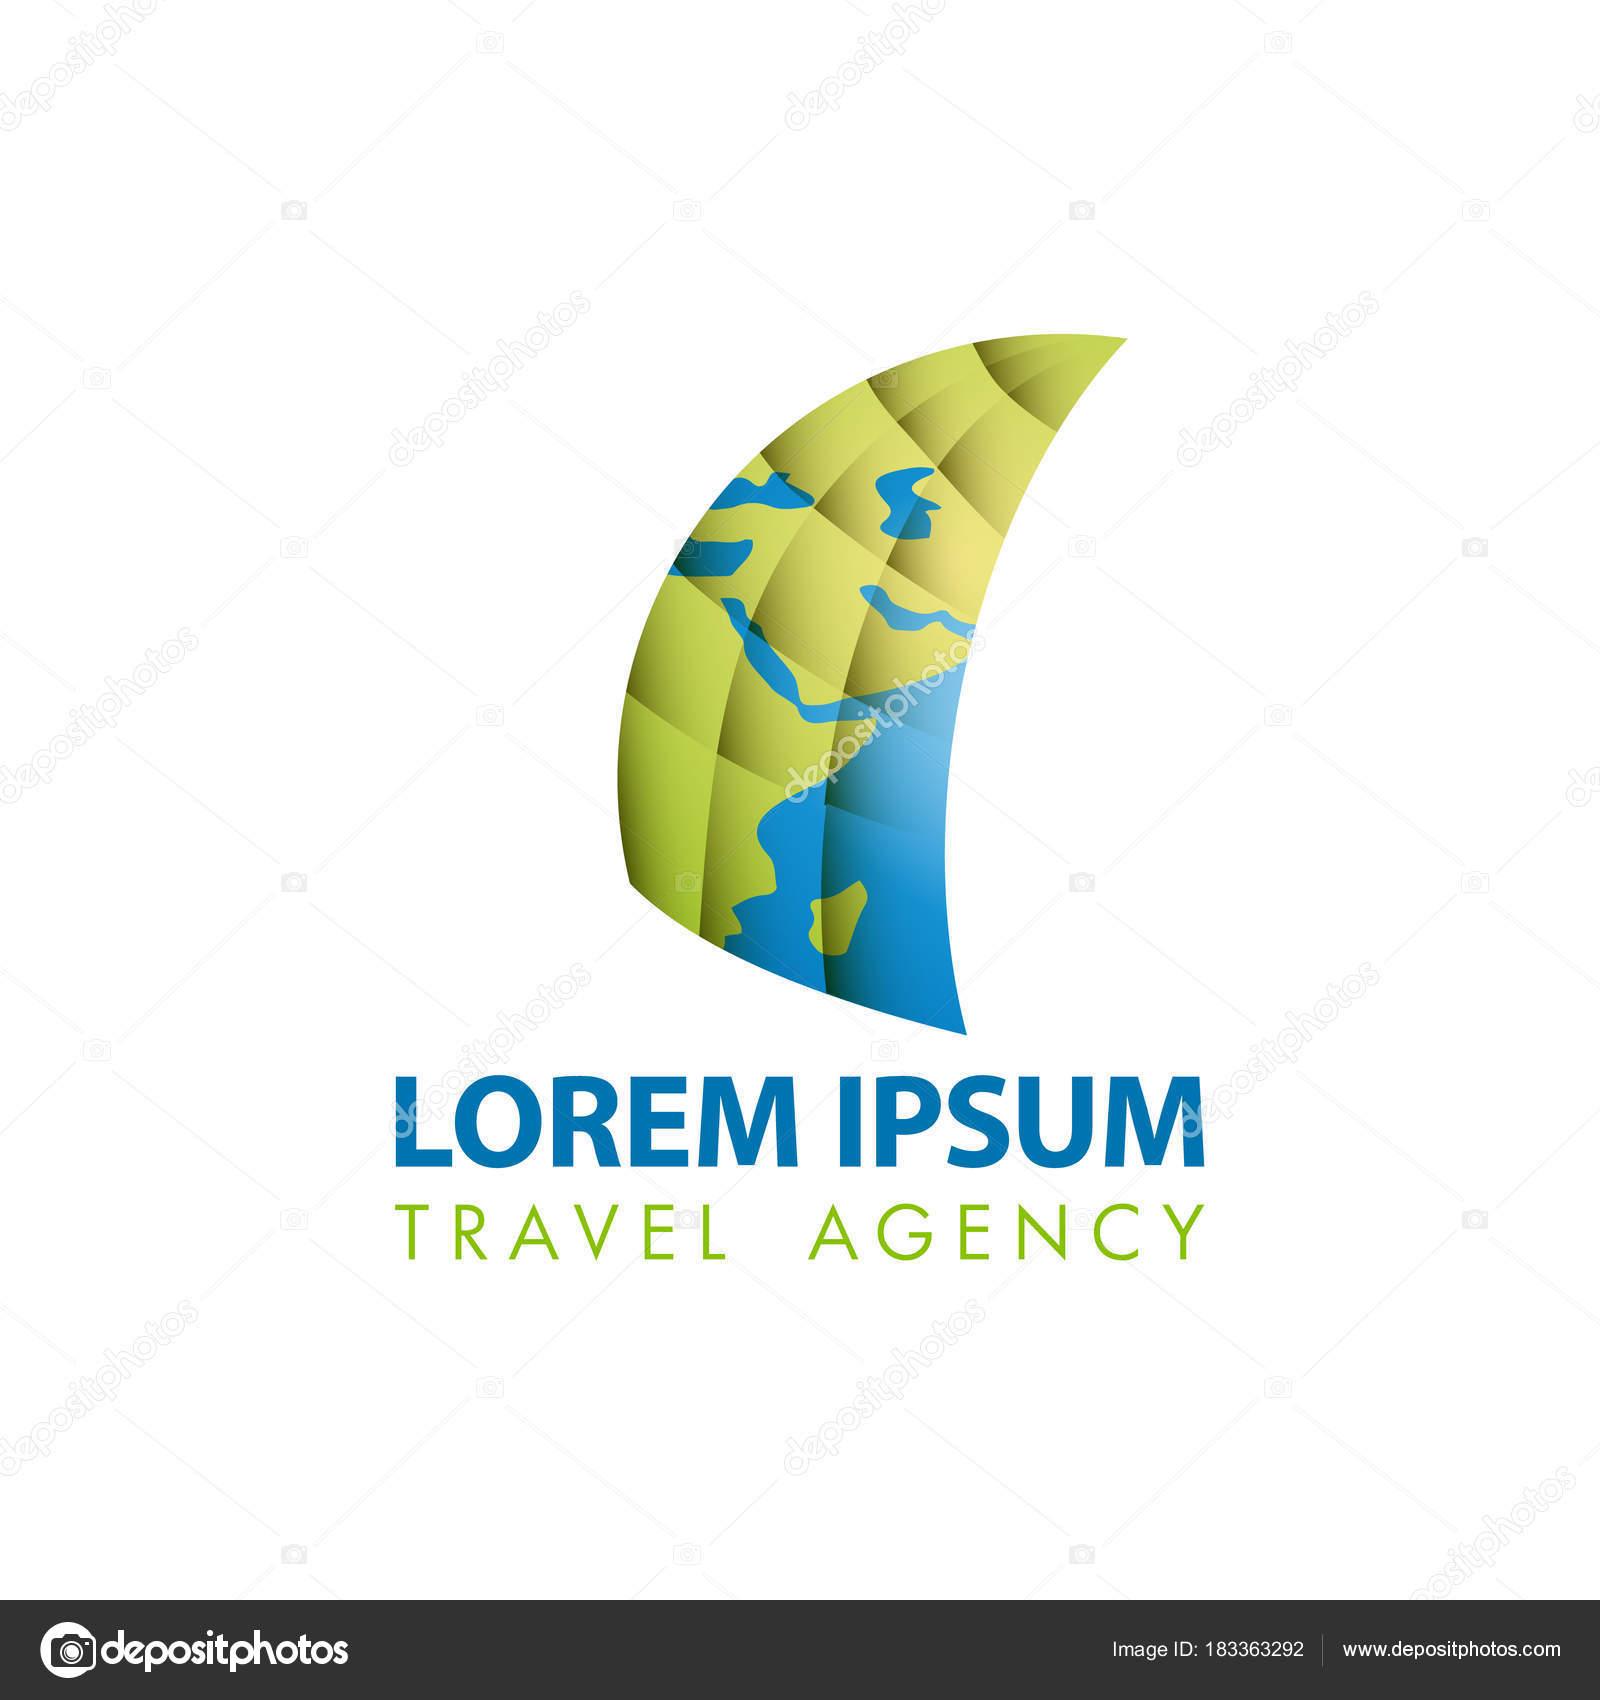 Carte Et Voile Icne Abstraite Modle De Logo Voyage Pour La Visite Identit Marque Dentreprise Vecteur Par Leo Troyanski